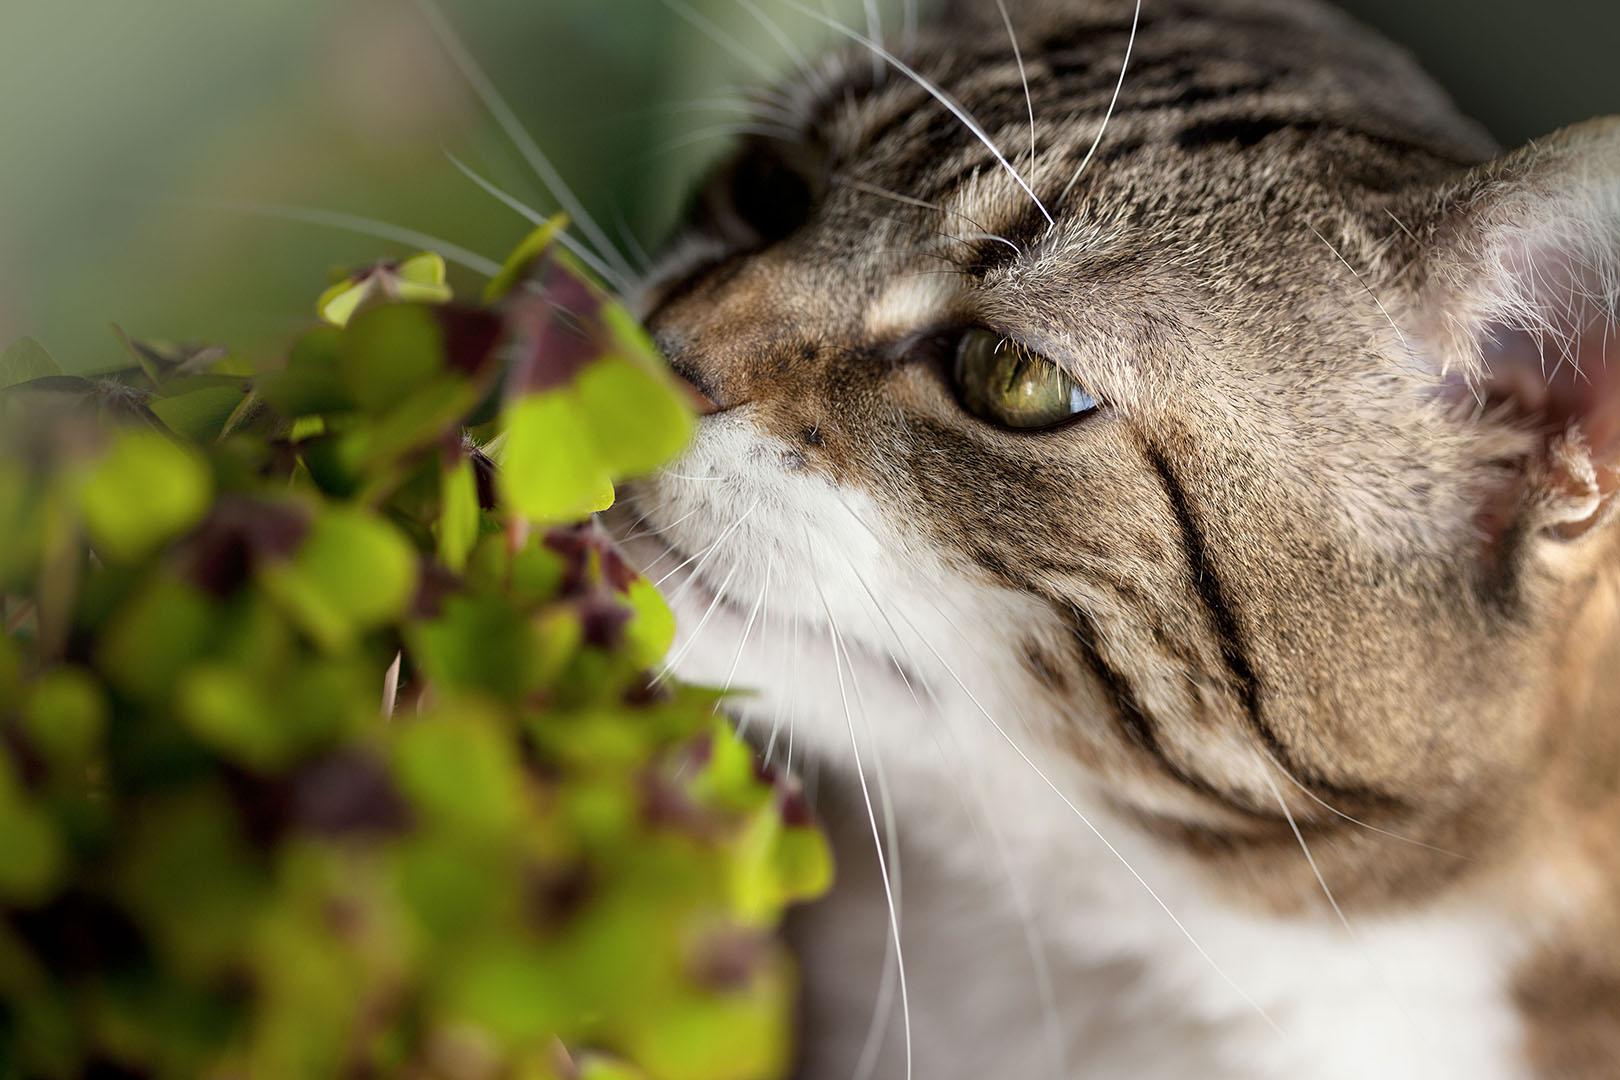 Pourquoi le chat mange les plantes   - Lesiteduchat.com ec51f815dc87